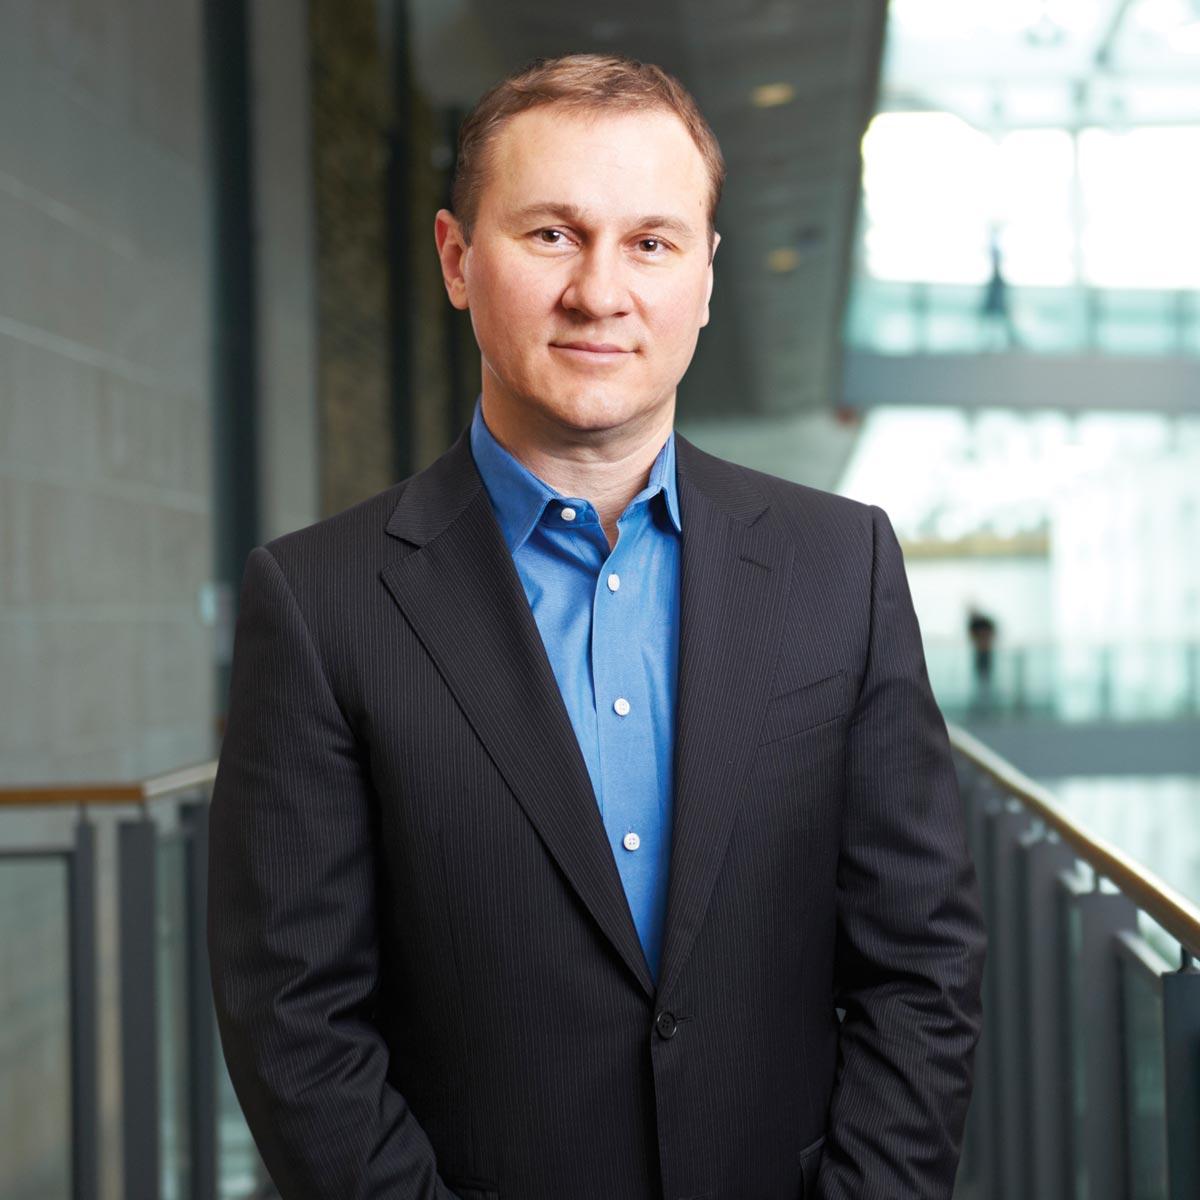 Peter Misek